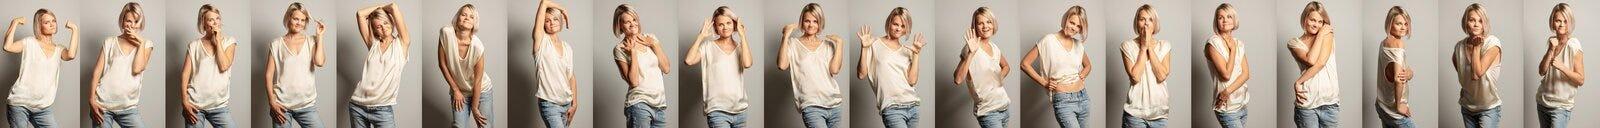 Un groupe d'images d'une jeune belle femme avec différentes émotions photos stock